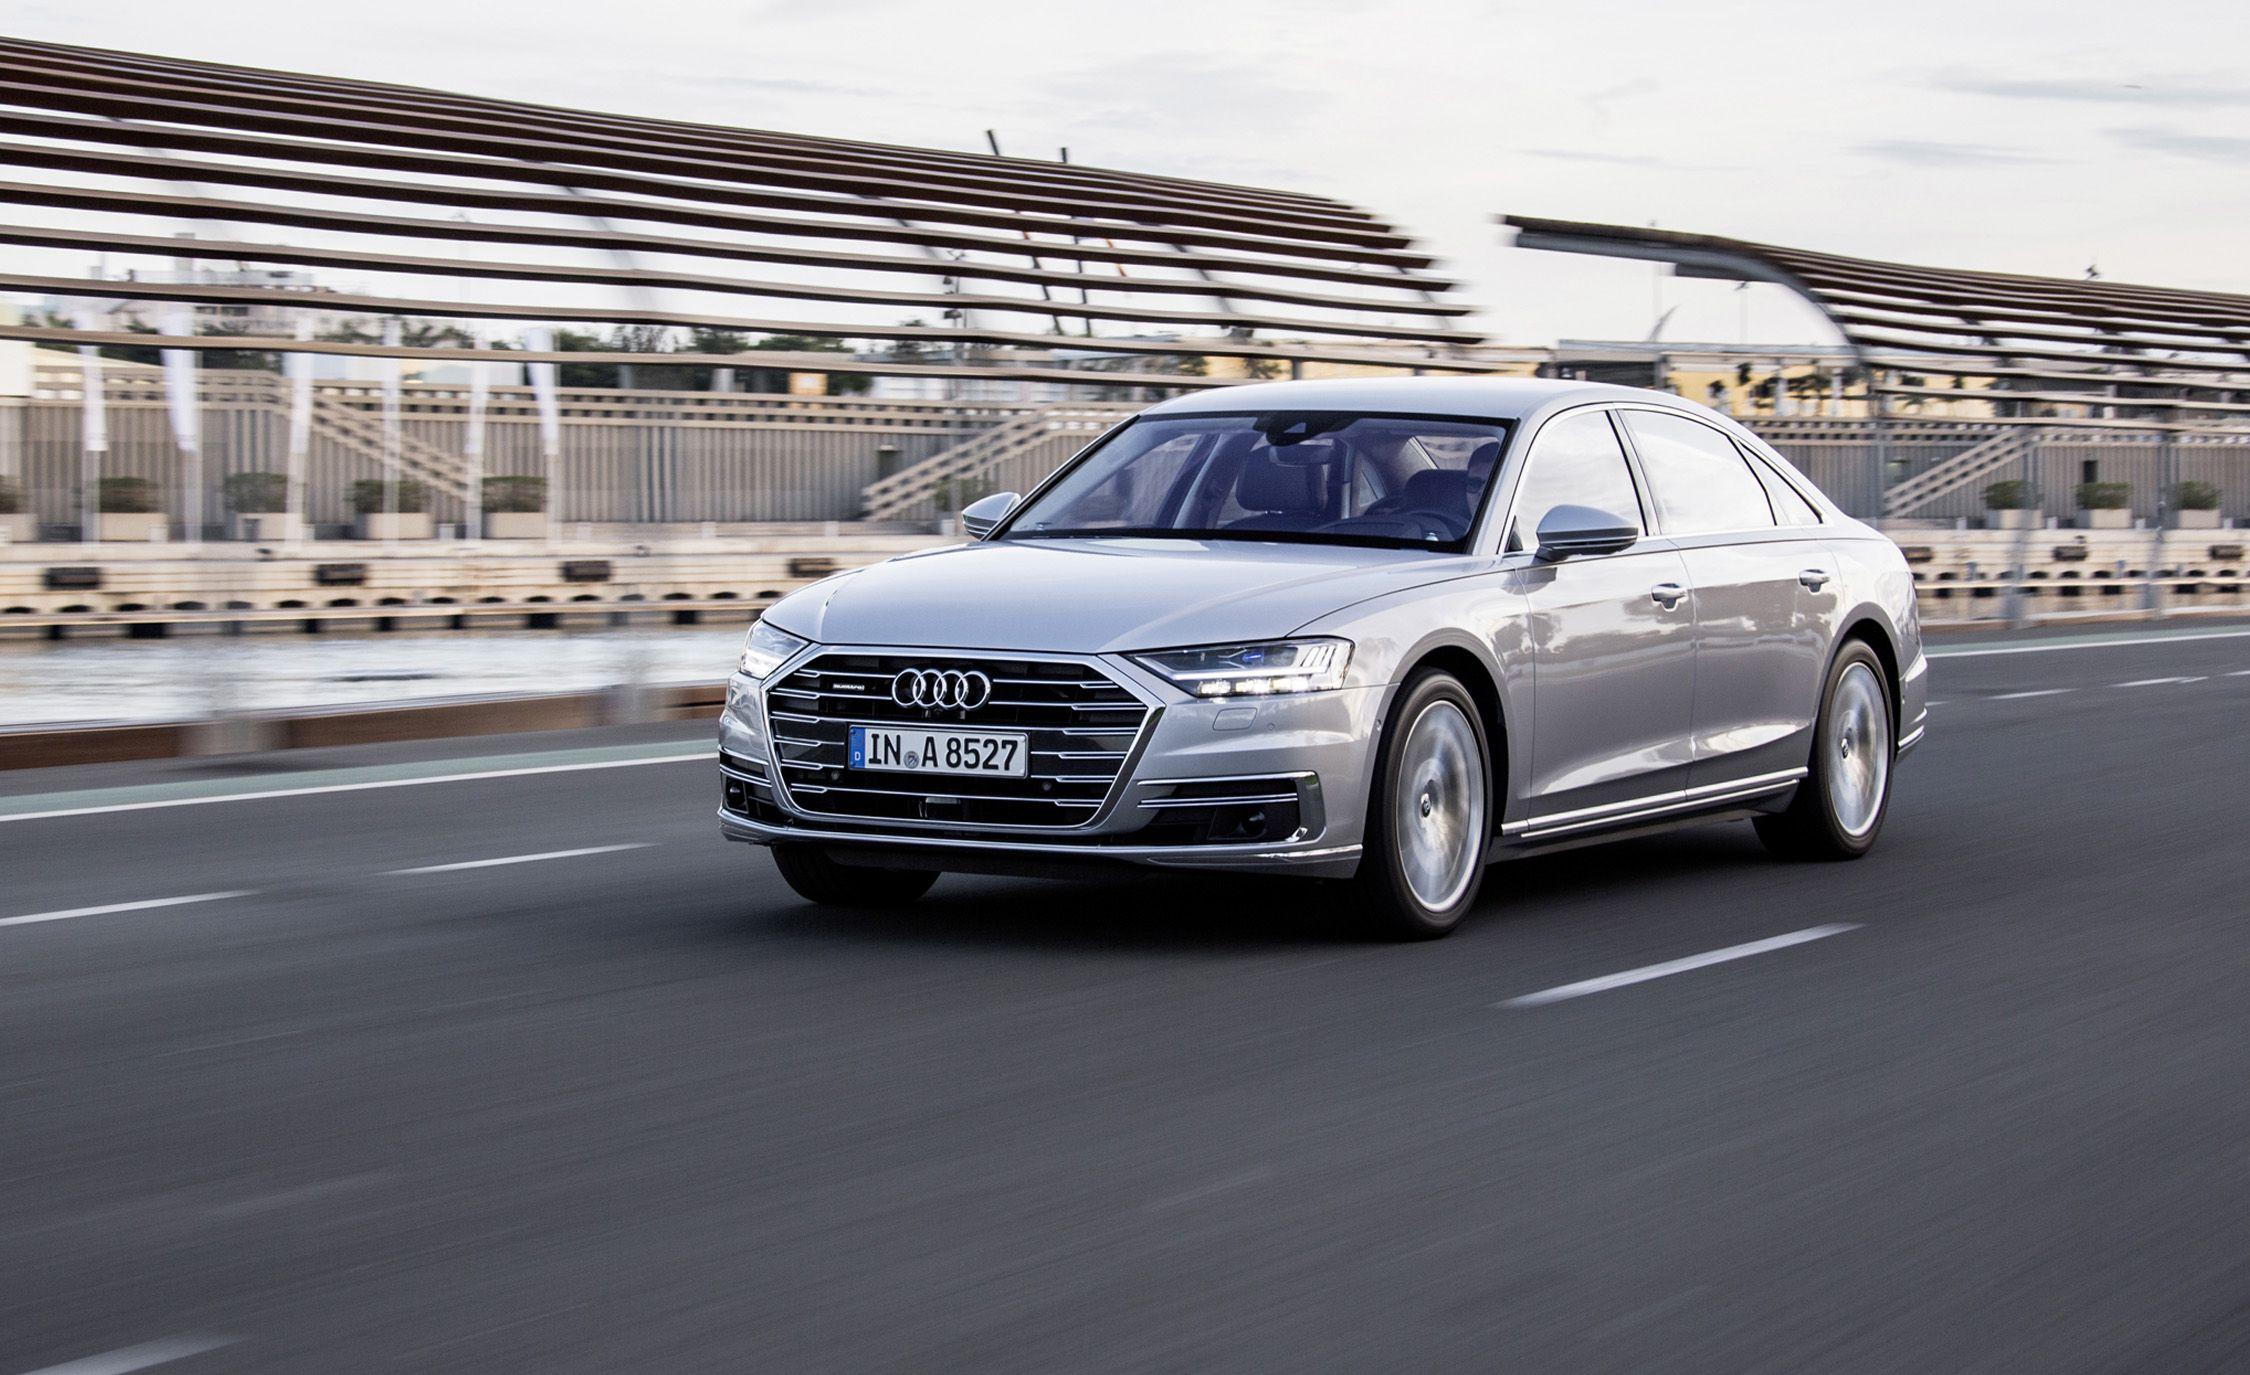 Audi's Previews Next-Gen A8's Autonomous-Driving Tech in New Concept